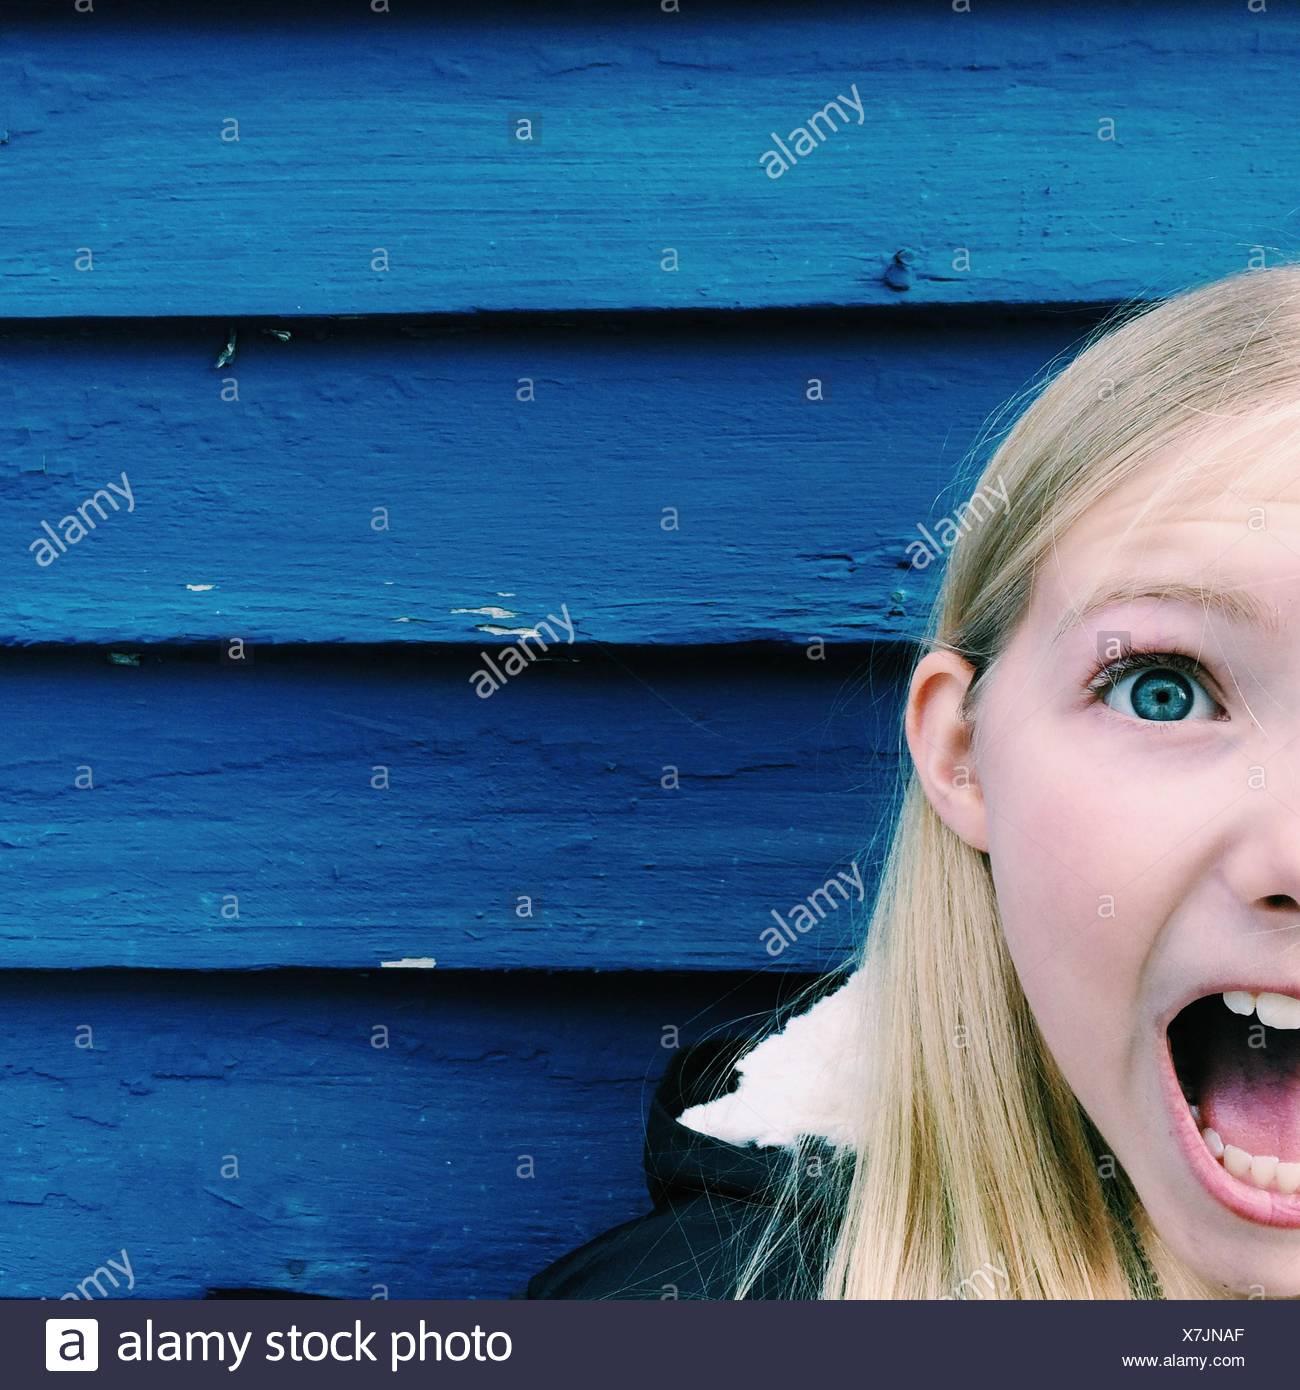 Ritratto di una ragazza con la bocca aperta gridando Immagini Stock